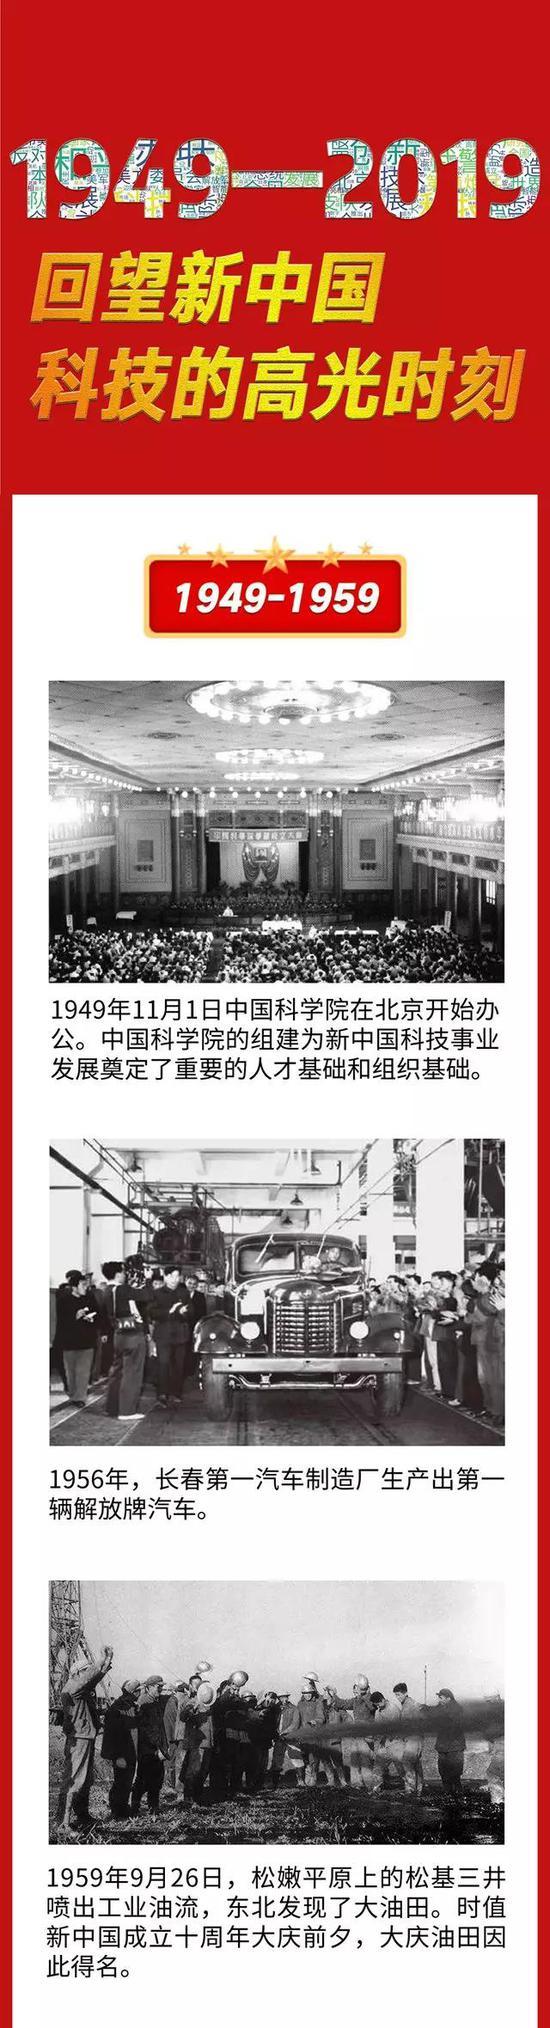 新中国成立70周年 回望新中国高光时刻